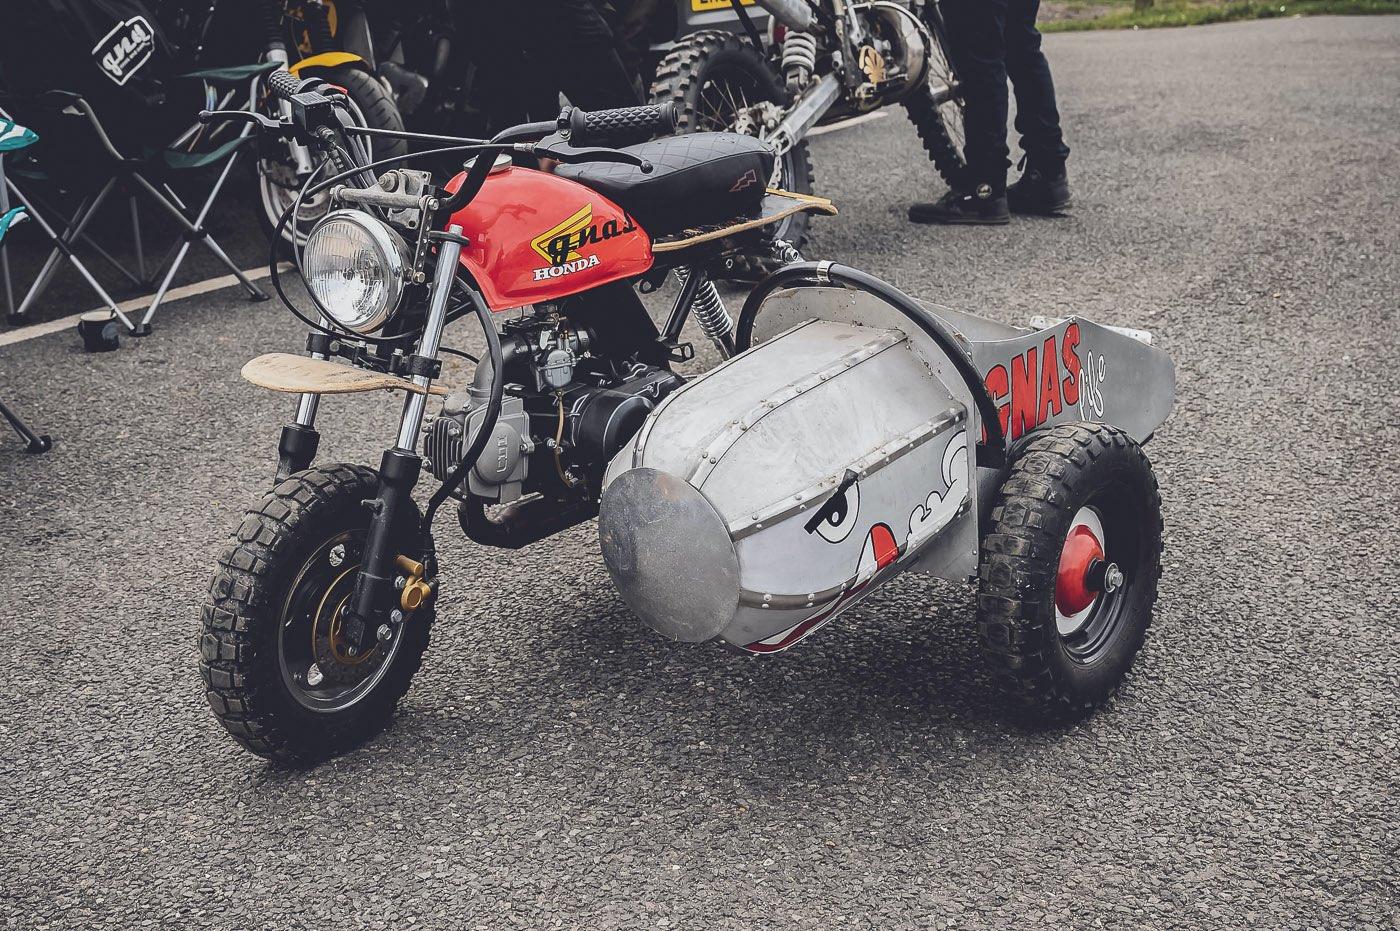 Monkey Bike with Sidecar